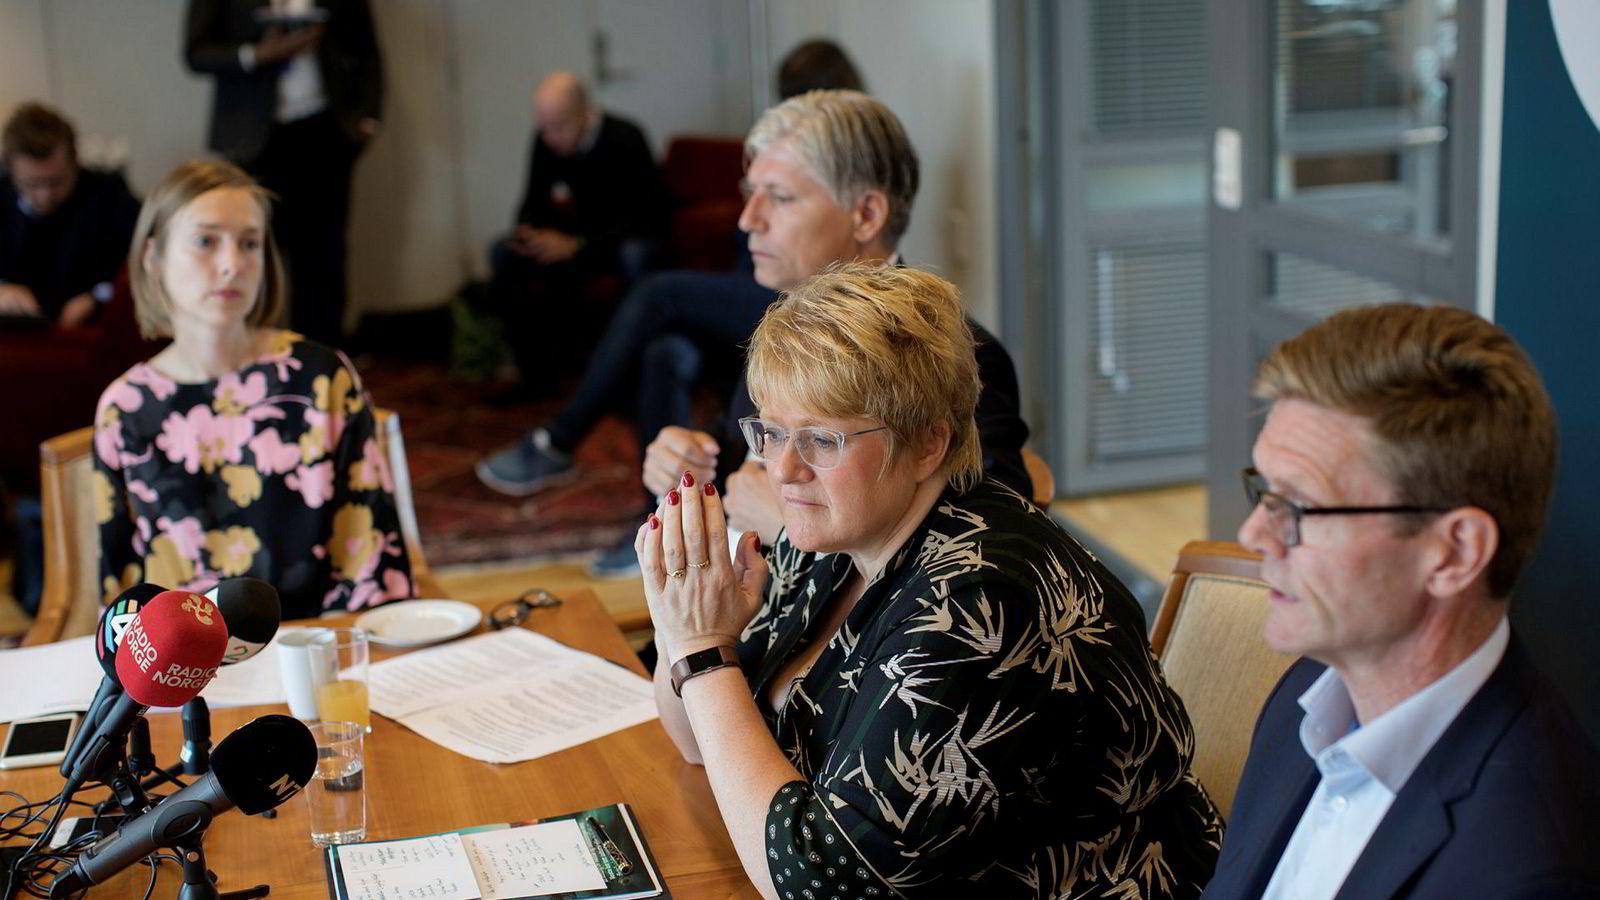 I juni oppsummerte Venstres statsråder Iselin Nybø (fra venstre), Ola Elvestuen og Trine Skei Grande sammen med parlamentarisk leder Terje Breivik partiets første halvår i regjering. Det neste halvåret har partiet tilbrakt under sperregrensen.